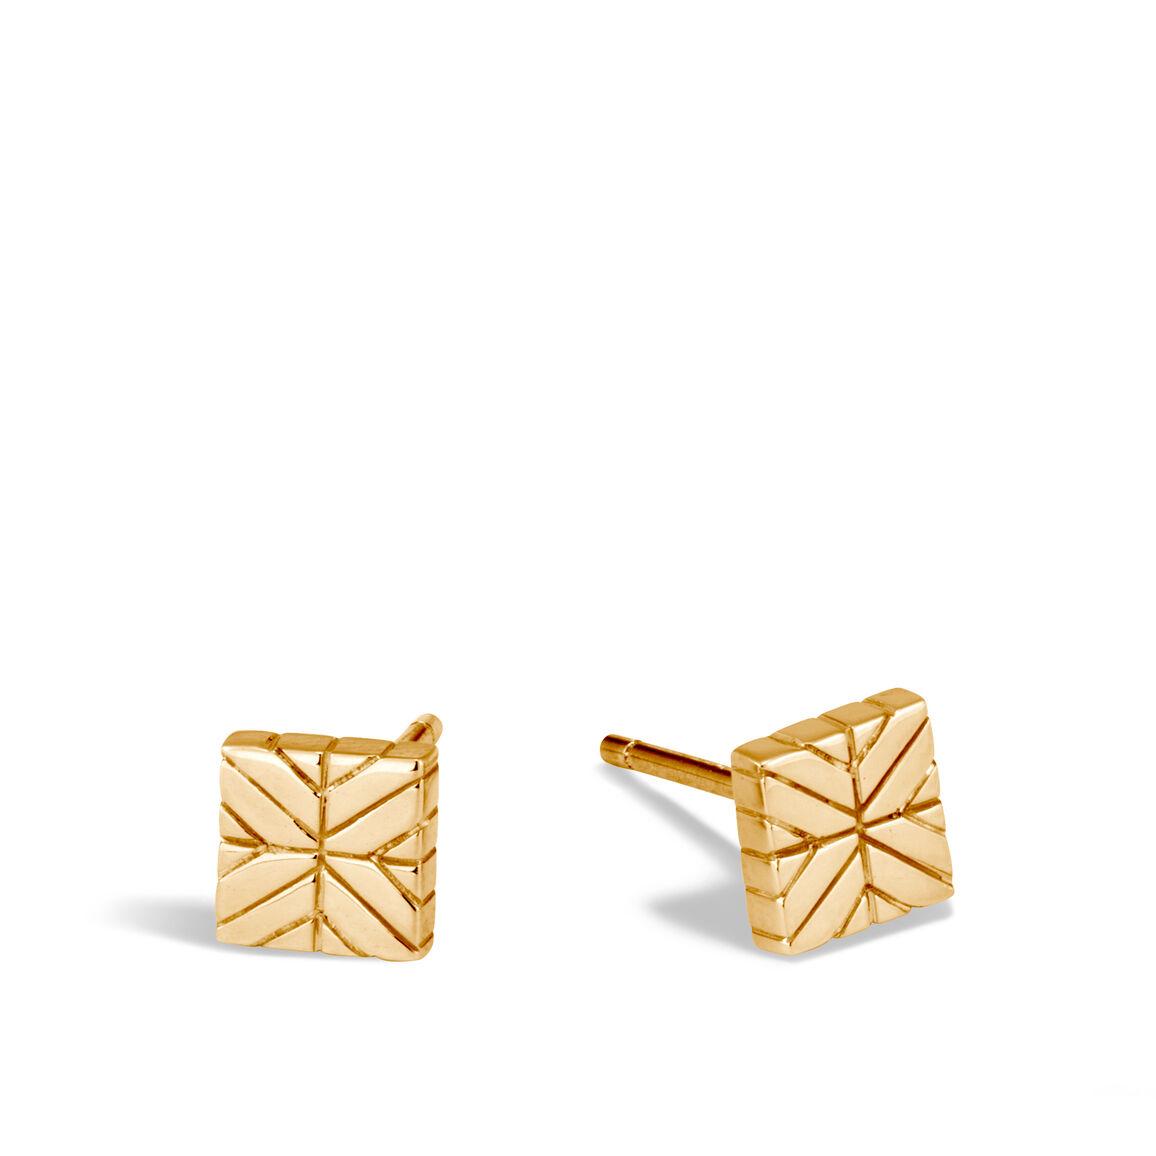 Modern Chain Stud Earring in 18K Gold